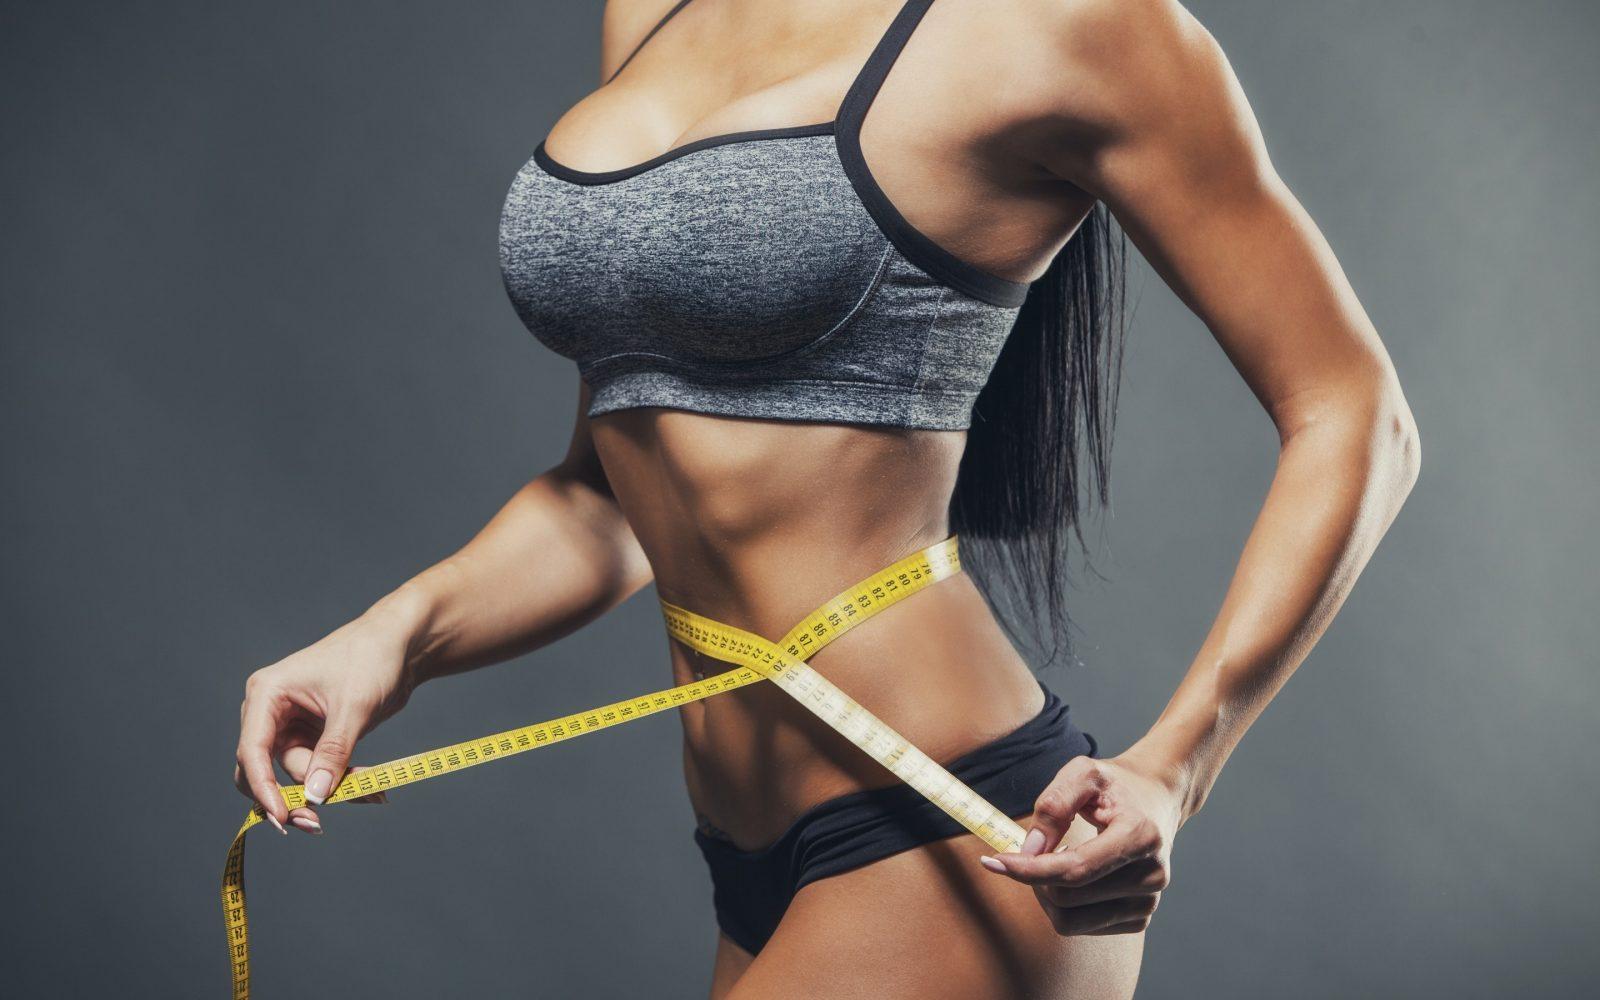 Спортивная девушка с плоским животом измеряет сантиметровой лентой свою стройную талию